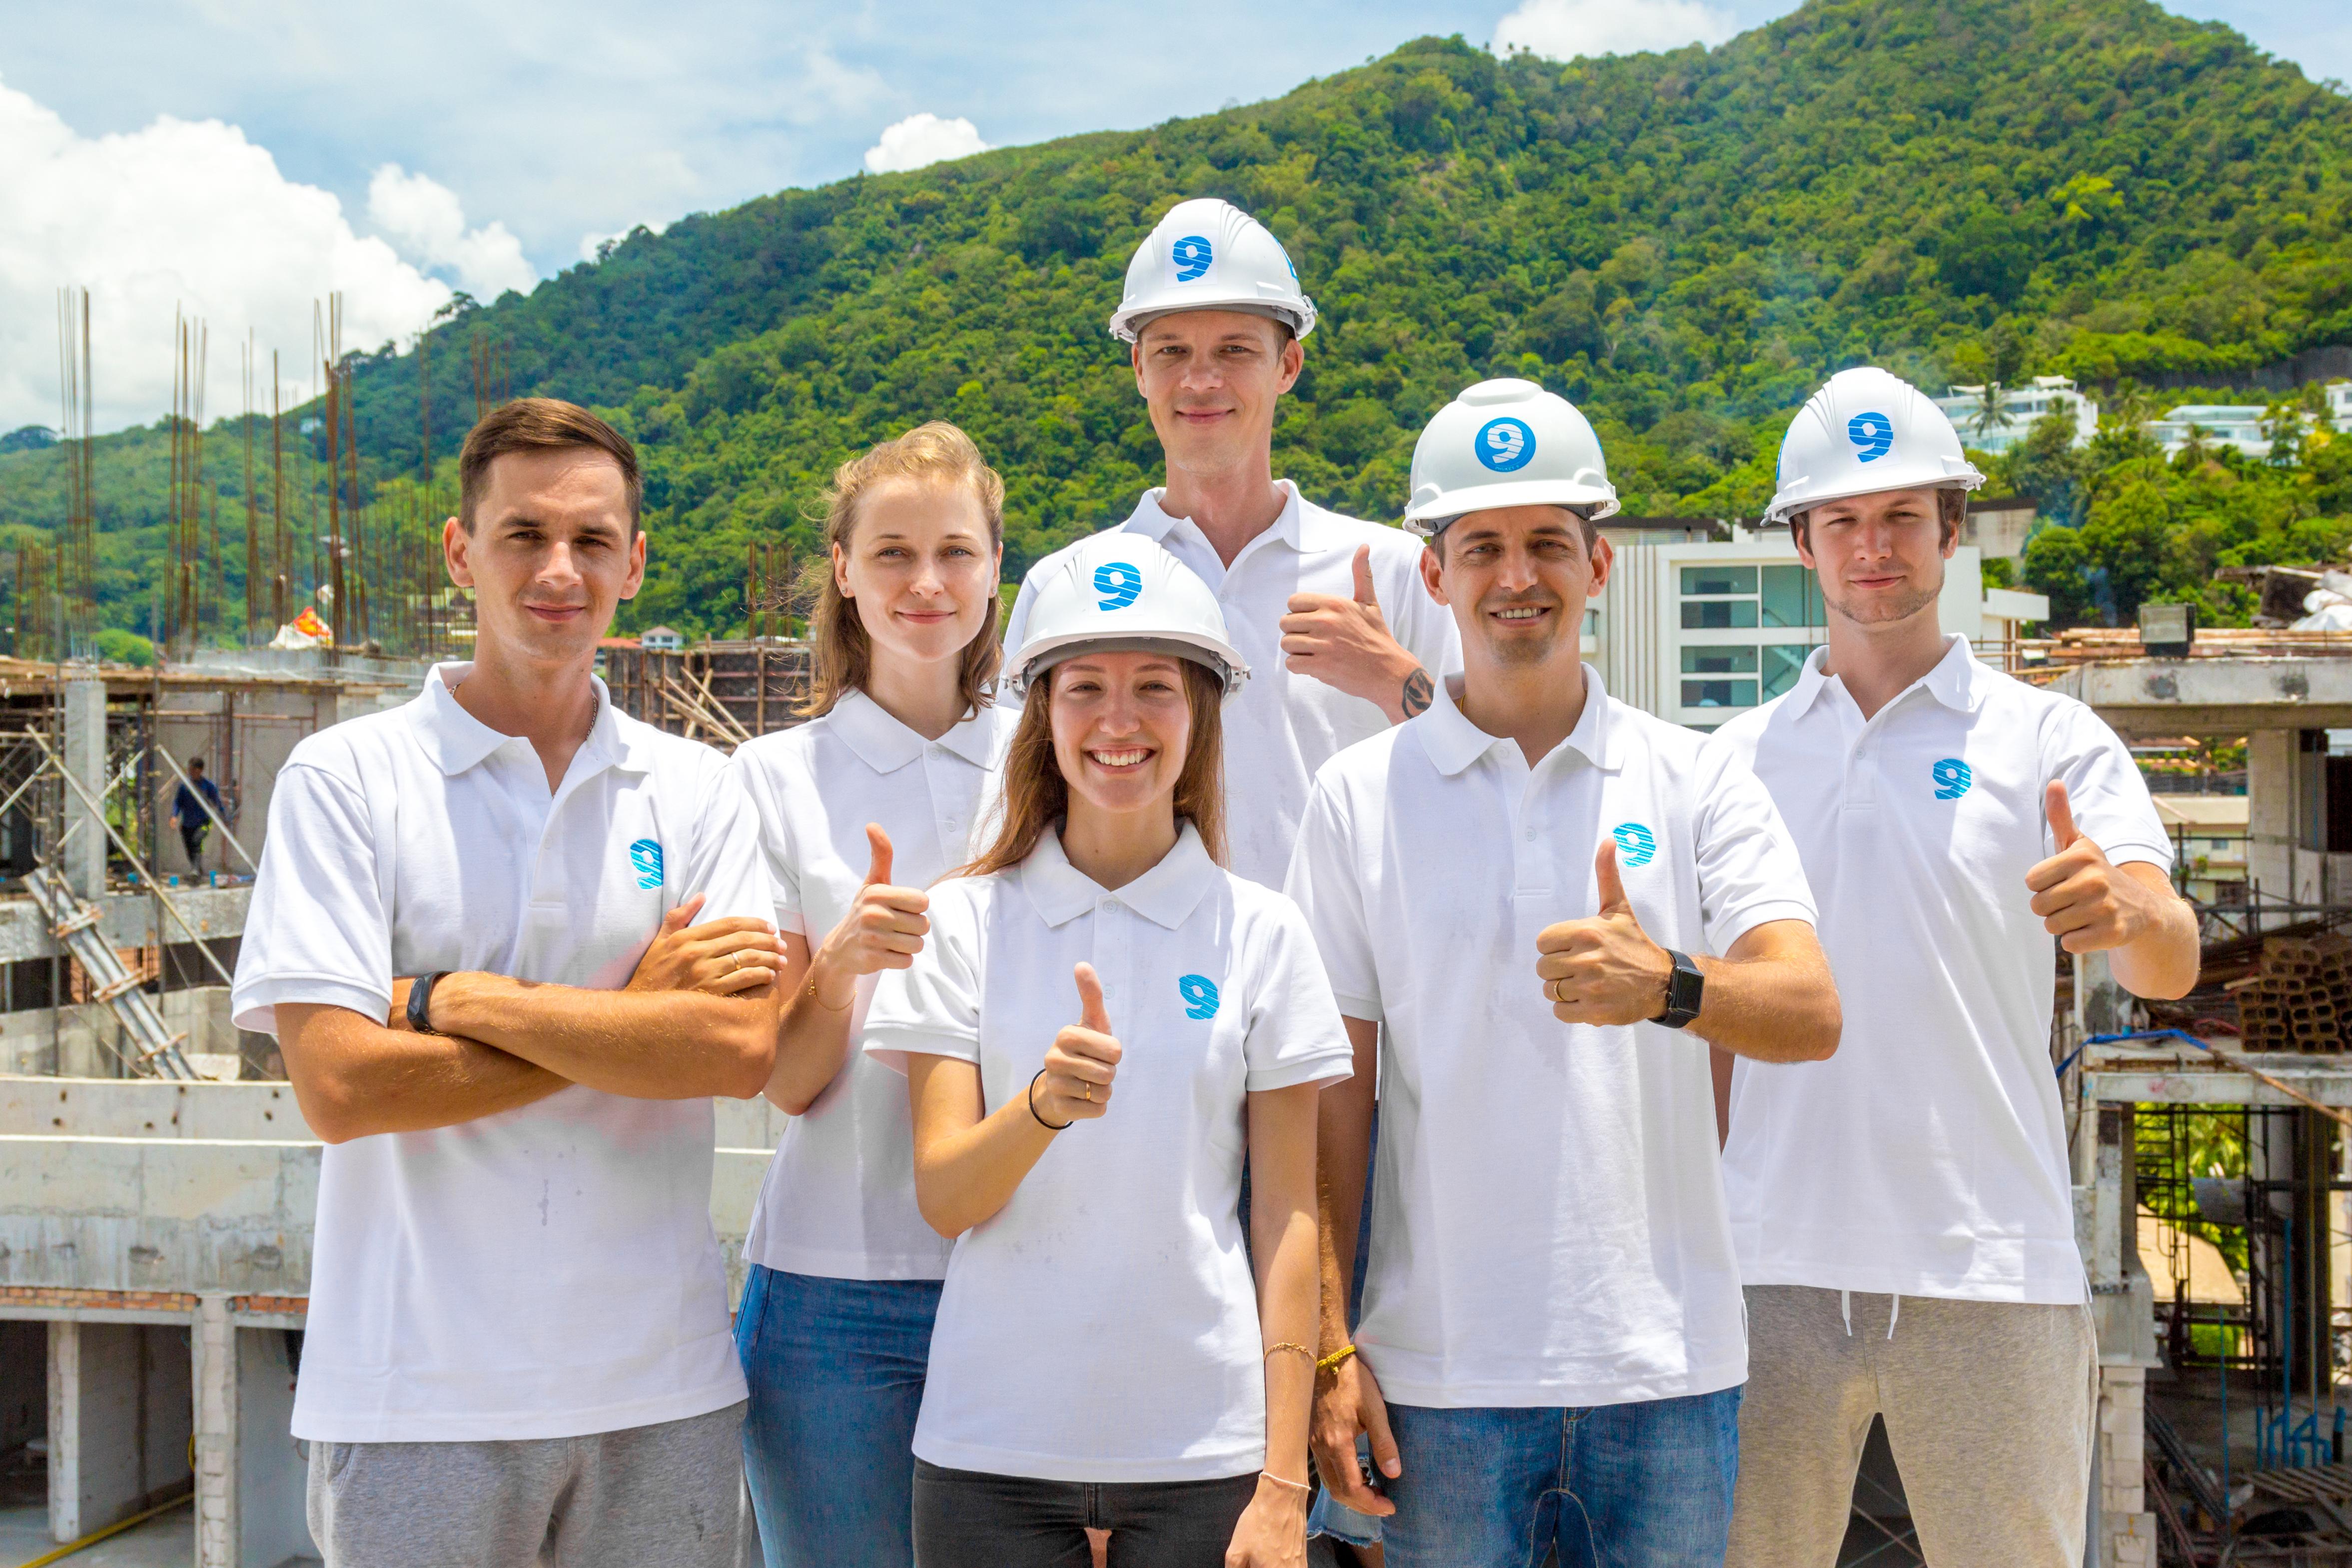 phuket9 team